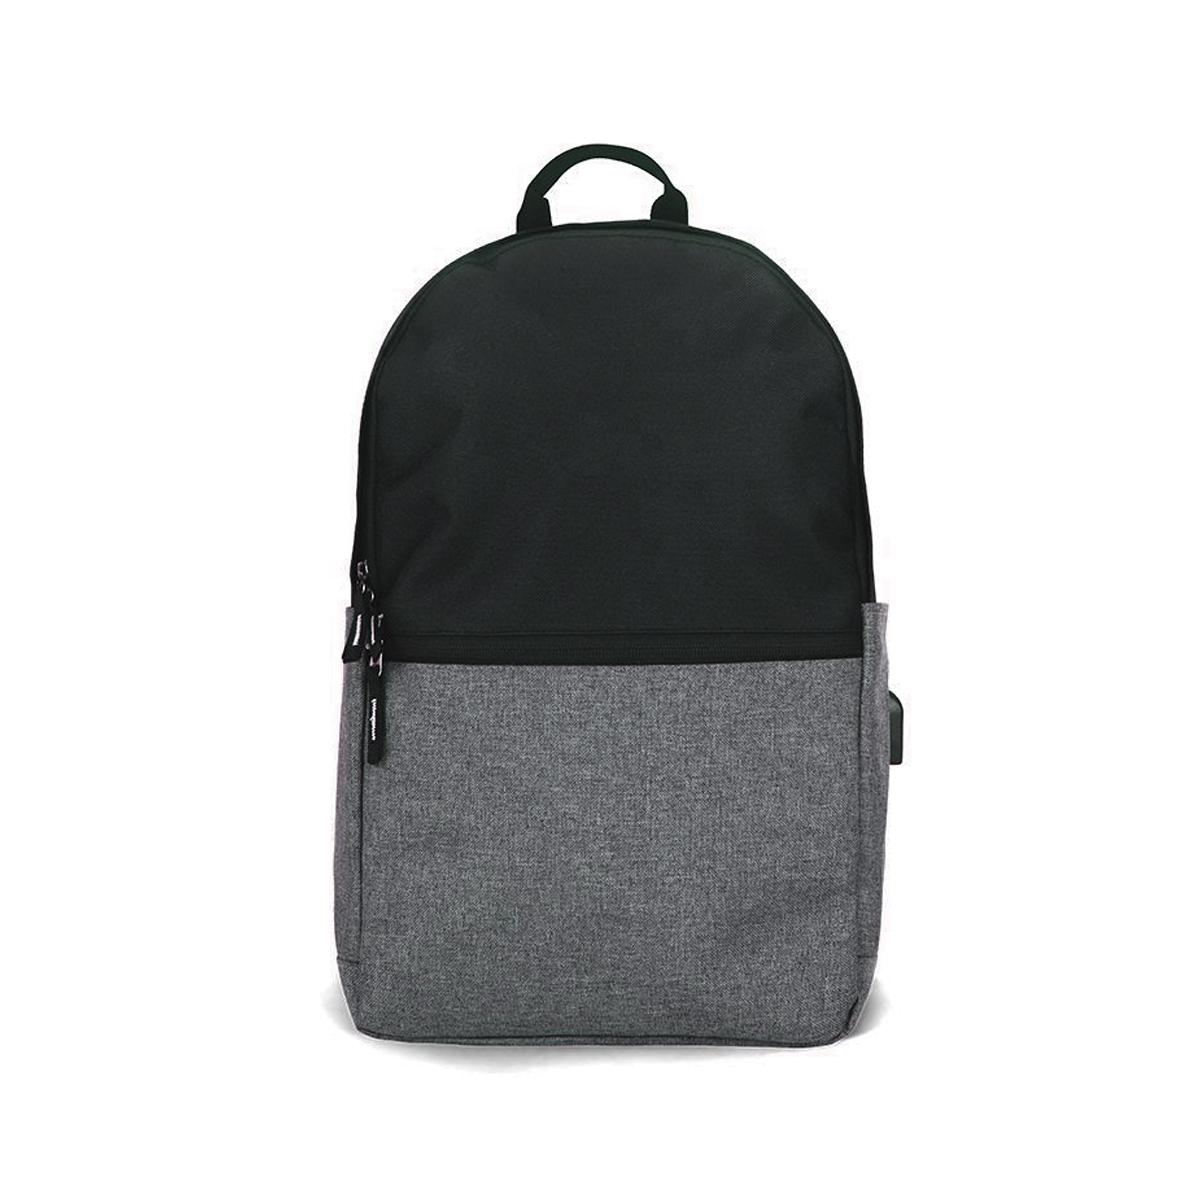 Mochila Delta backpack